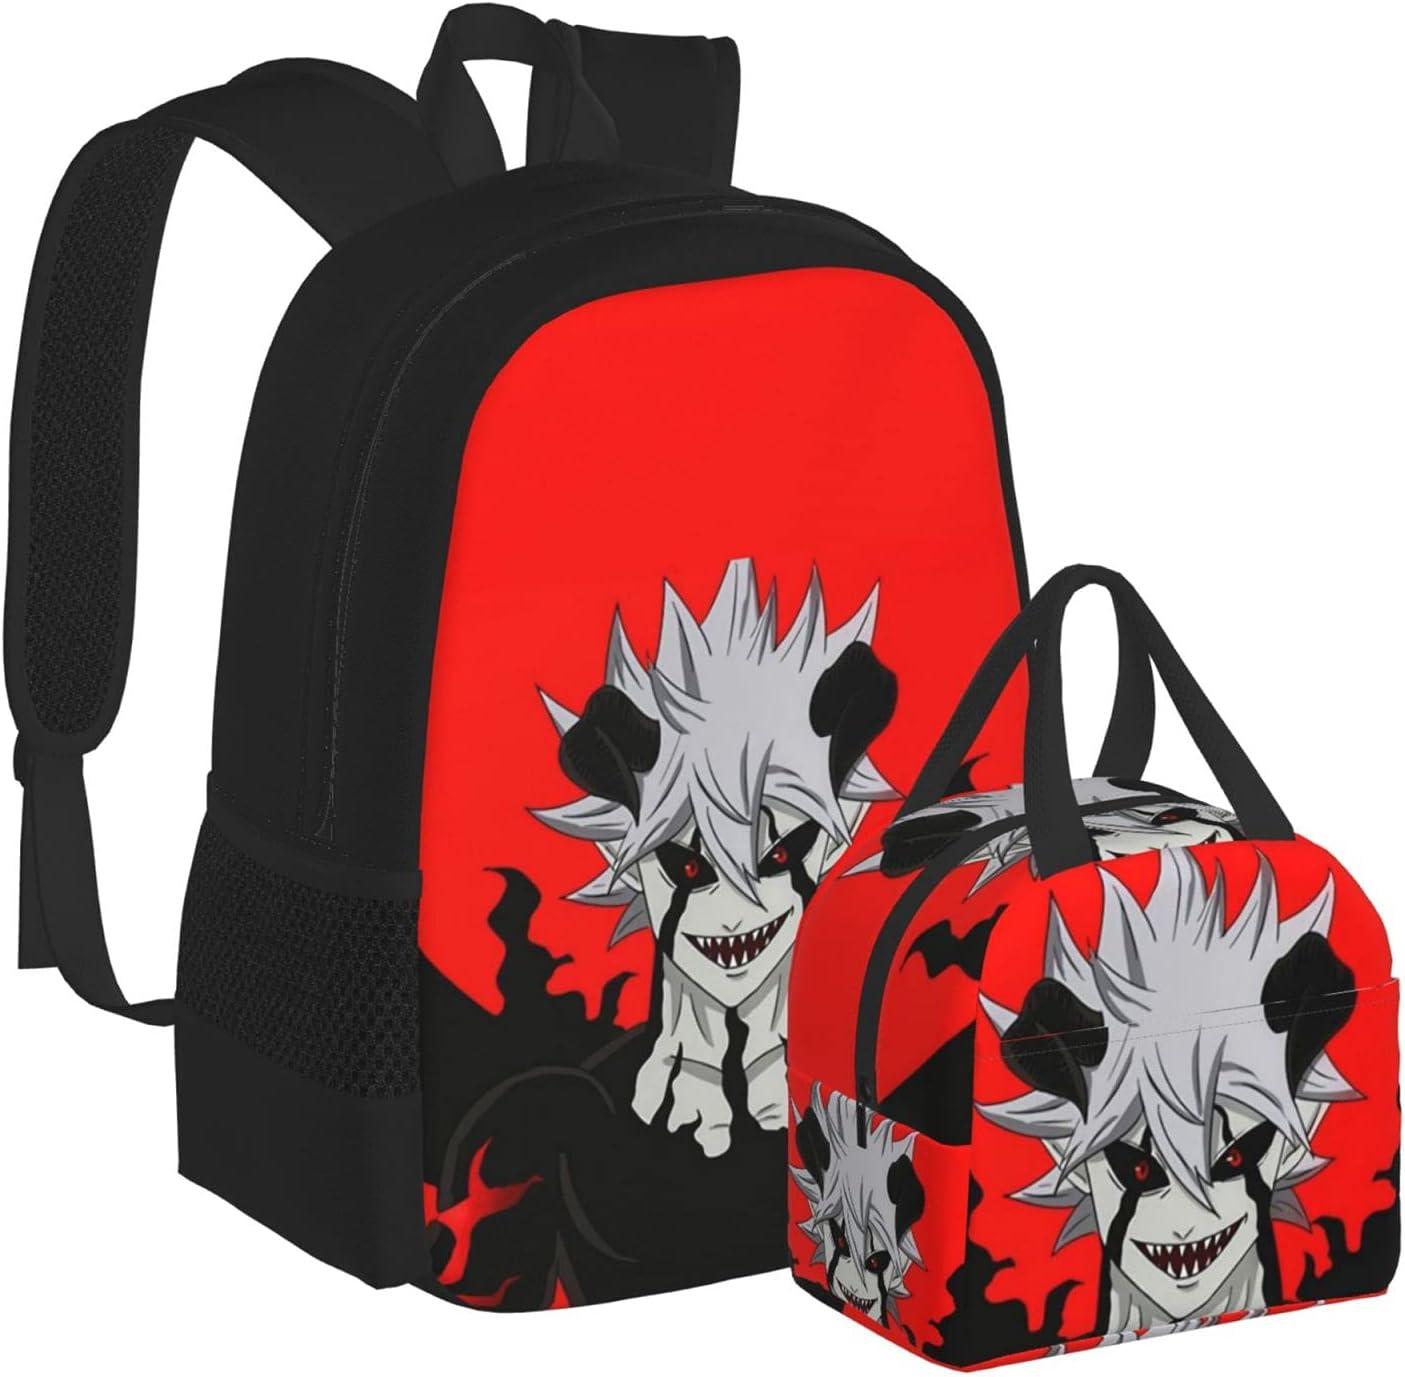 Black Max 77% OFF Clover Backpack Set Asta Sale item + Men's Women's Anime Me